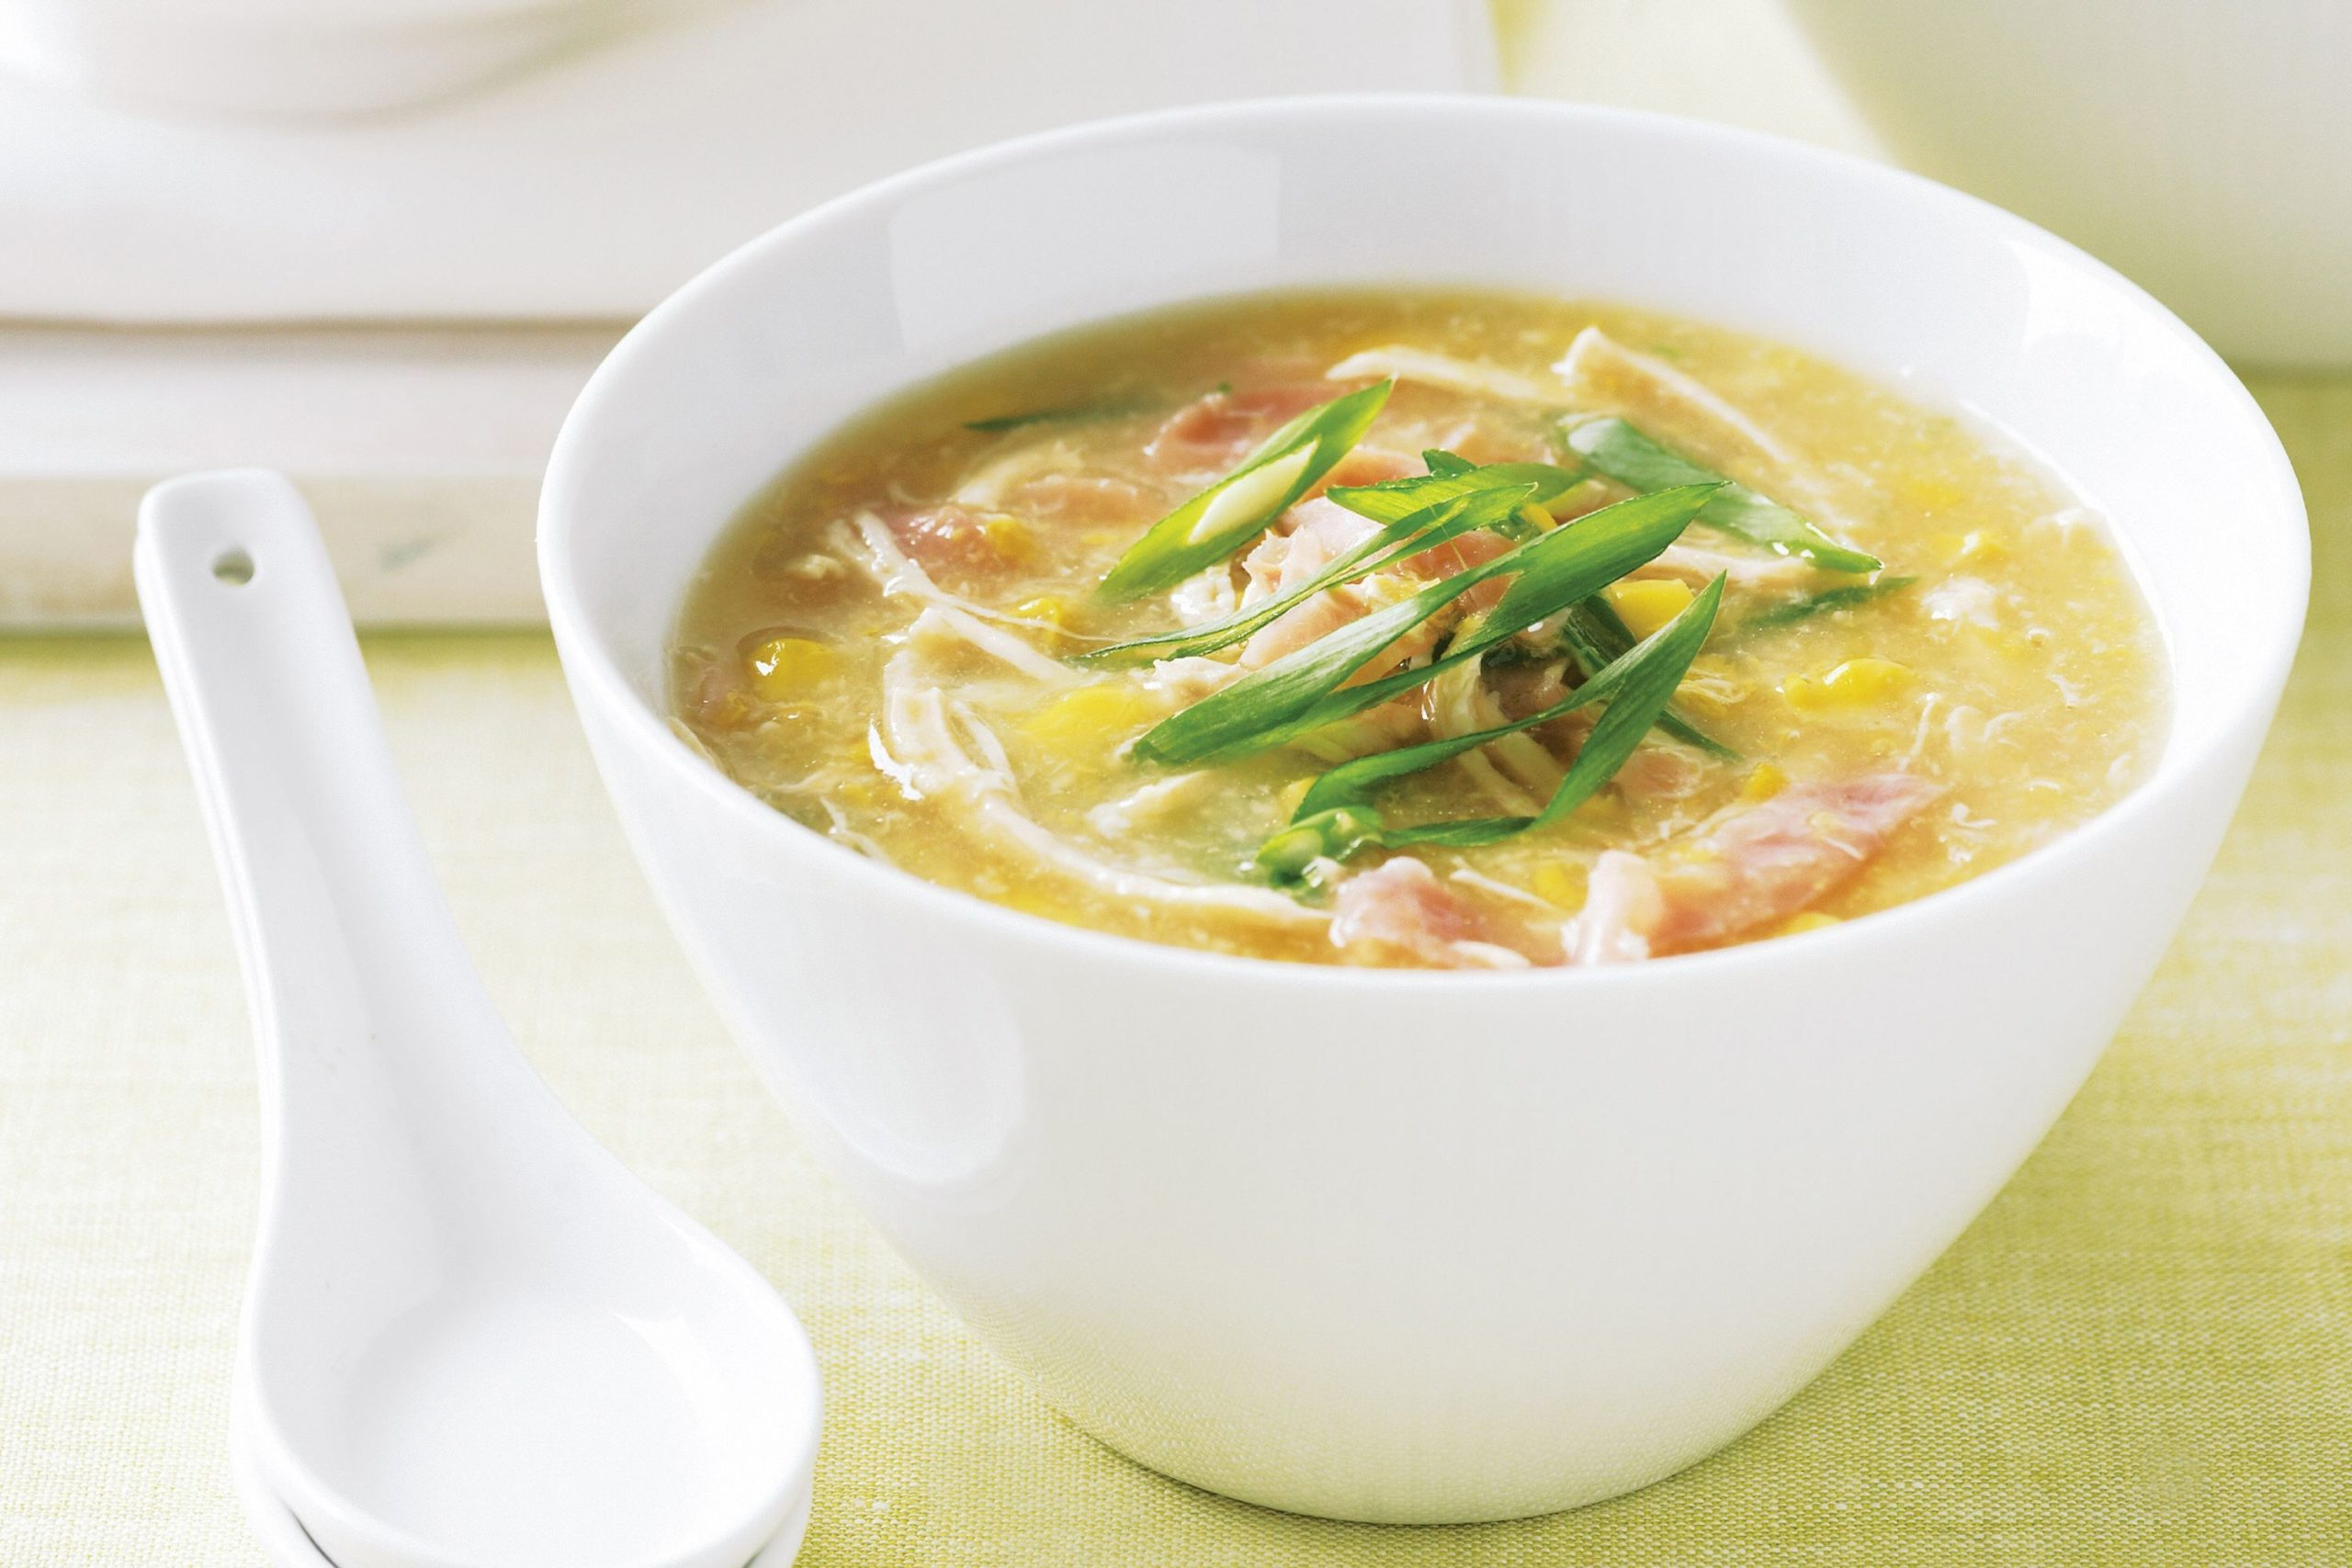 Resep Sup Jagung Telur yang Sangat Enak dan Menggiurkan Lidah